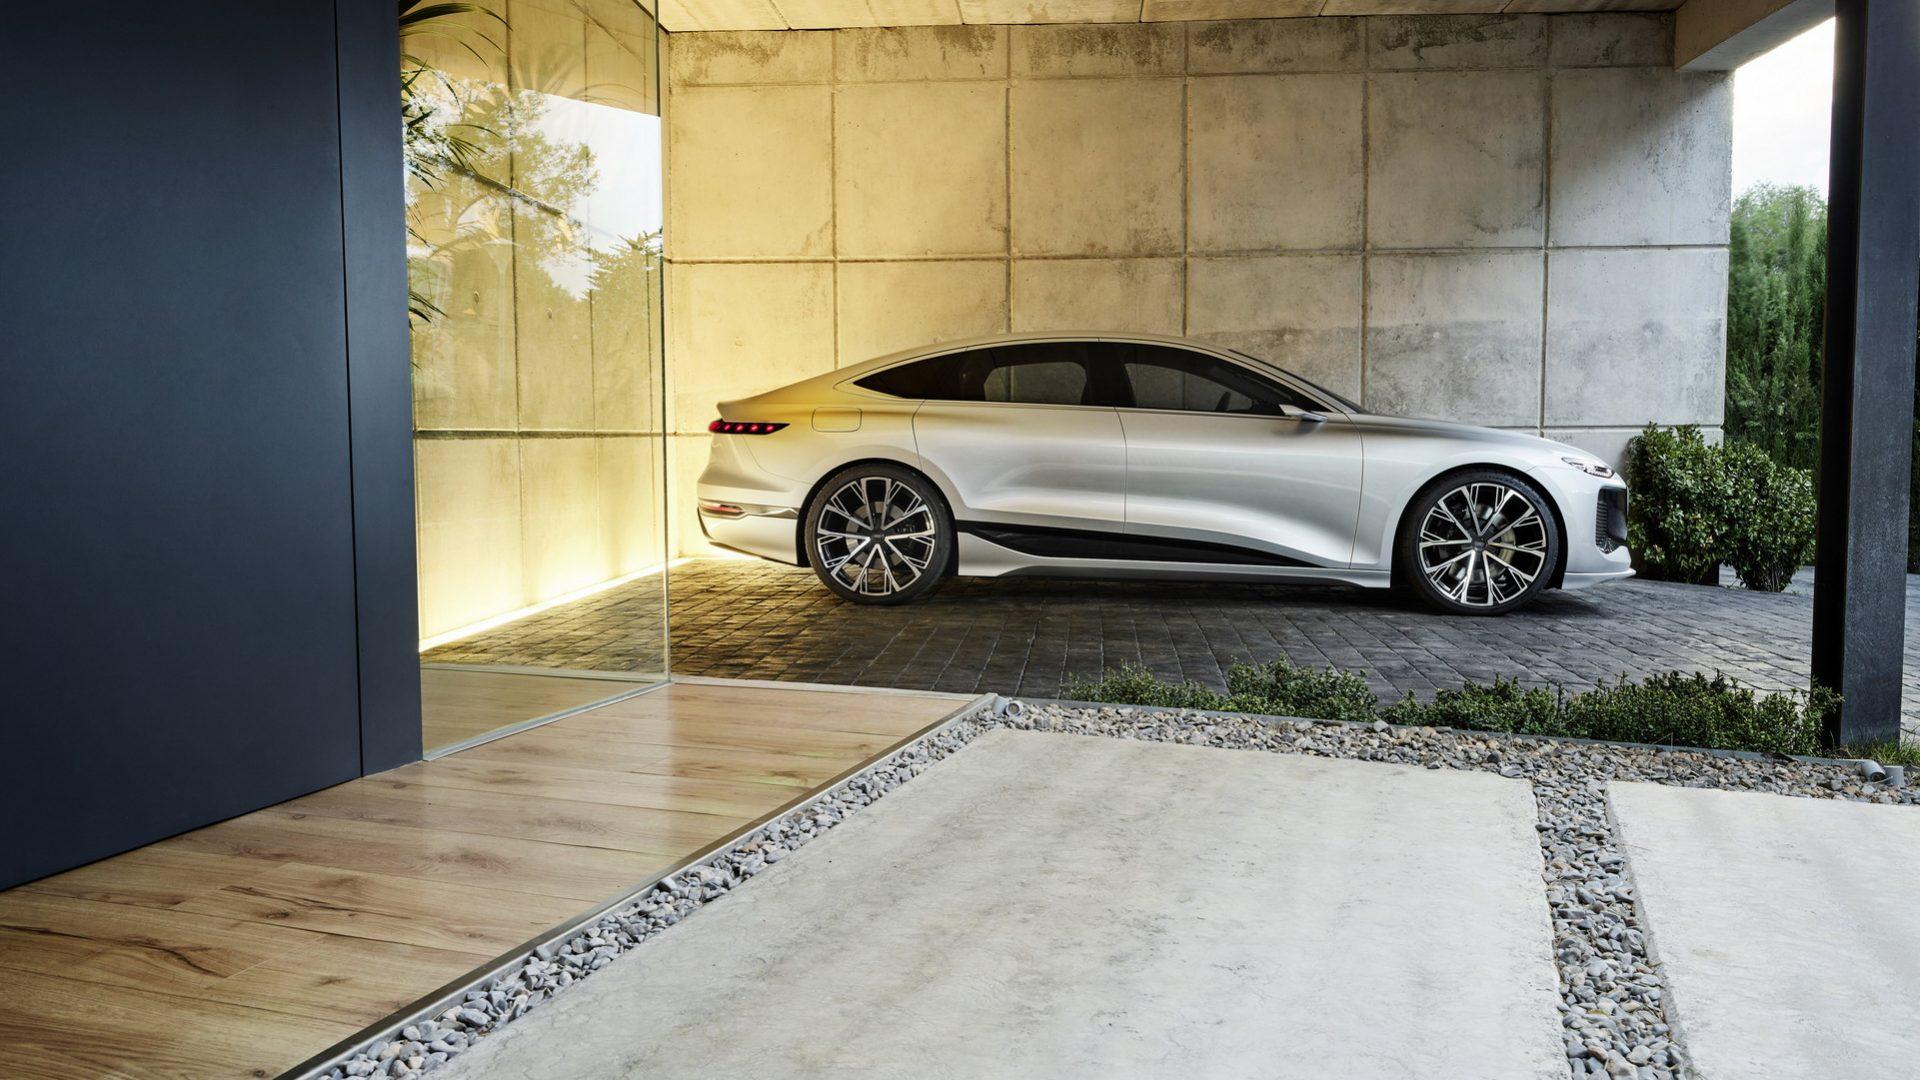 2021-Audi-A6-e-tron-Concept-40